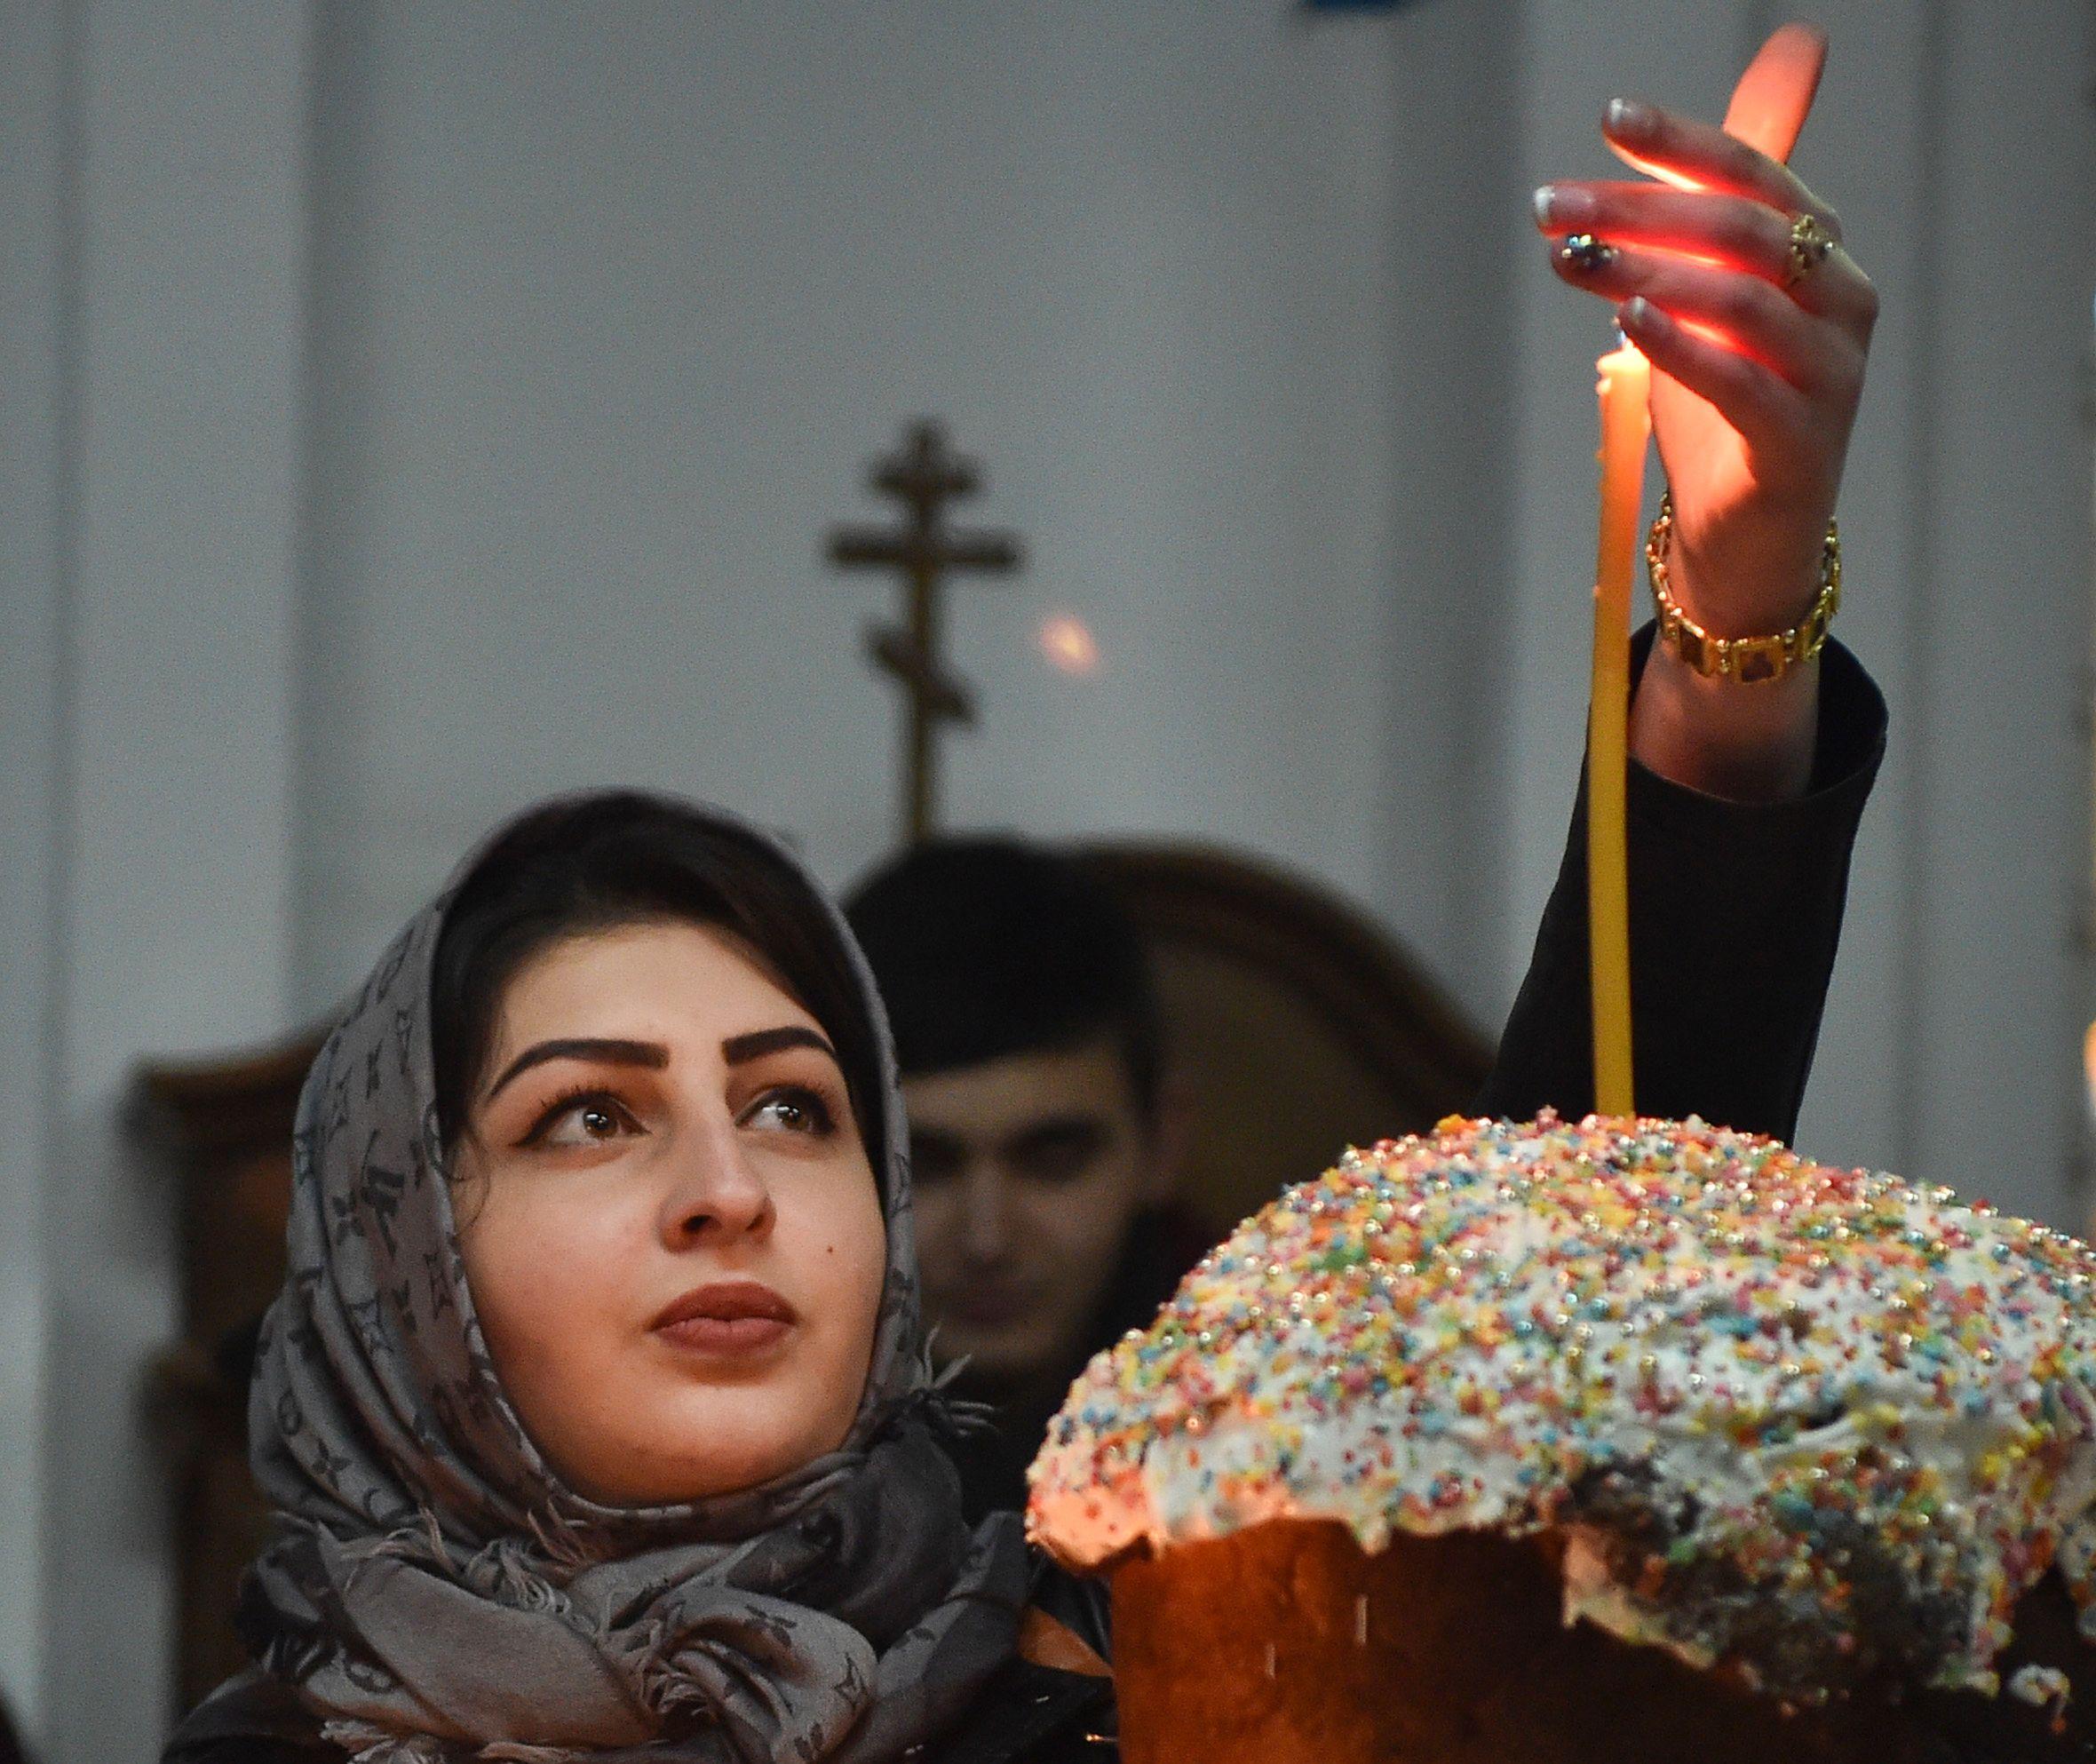 سيدة تضيئ شمعة خلال  خلال مراسم عيد الفصح فى كازاخستان